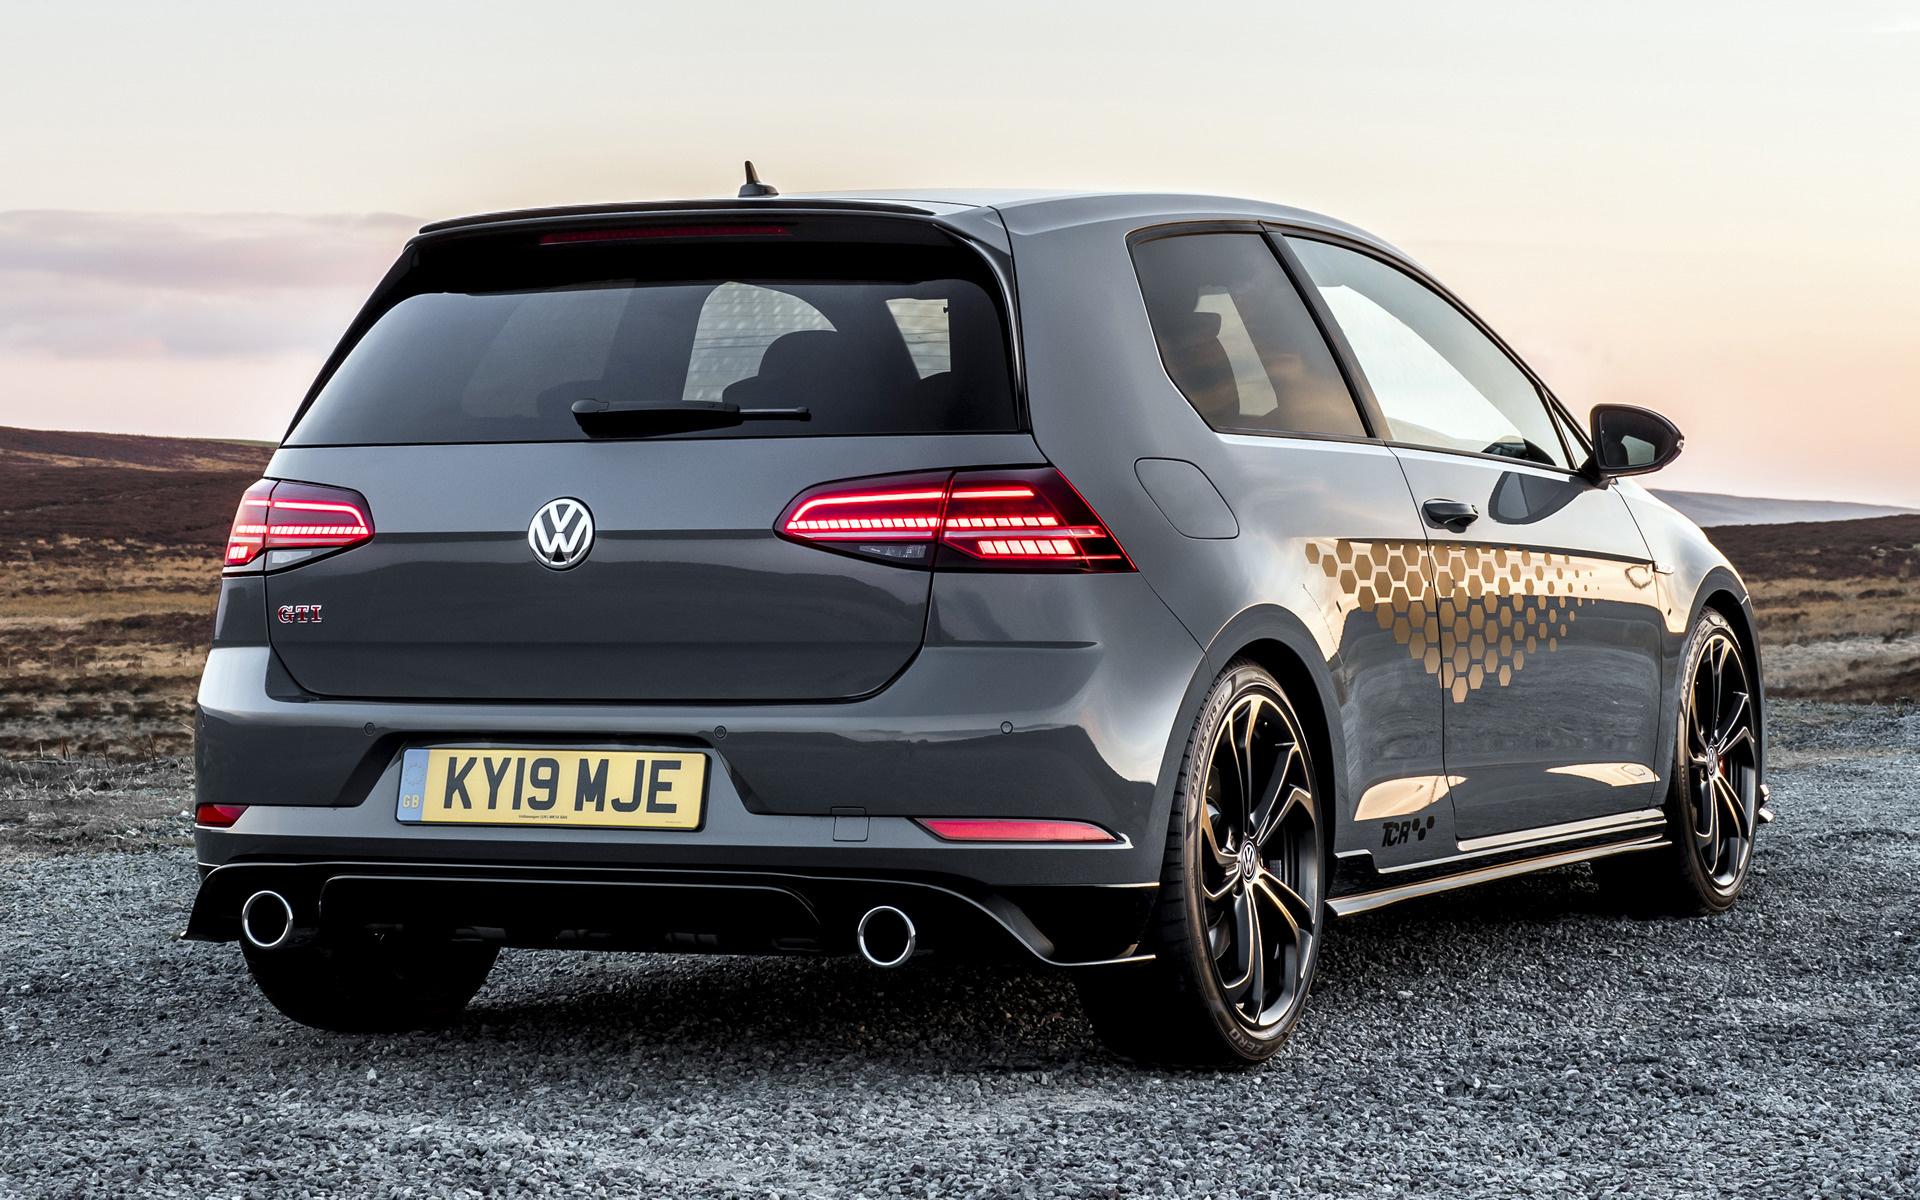 2019 Volkswagen Golf GTI TCR [3-door] (UK) - Wallpapers ...